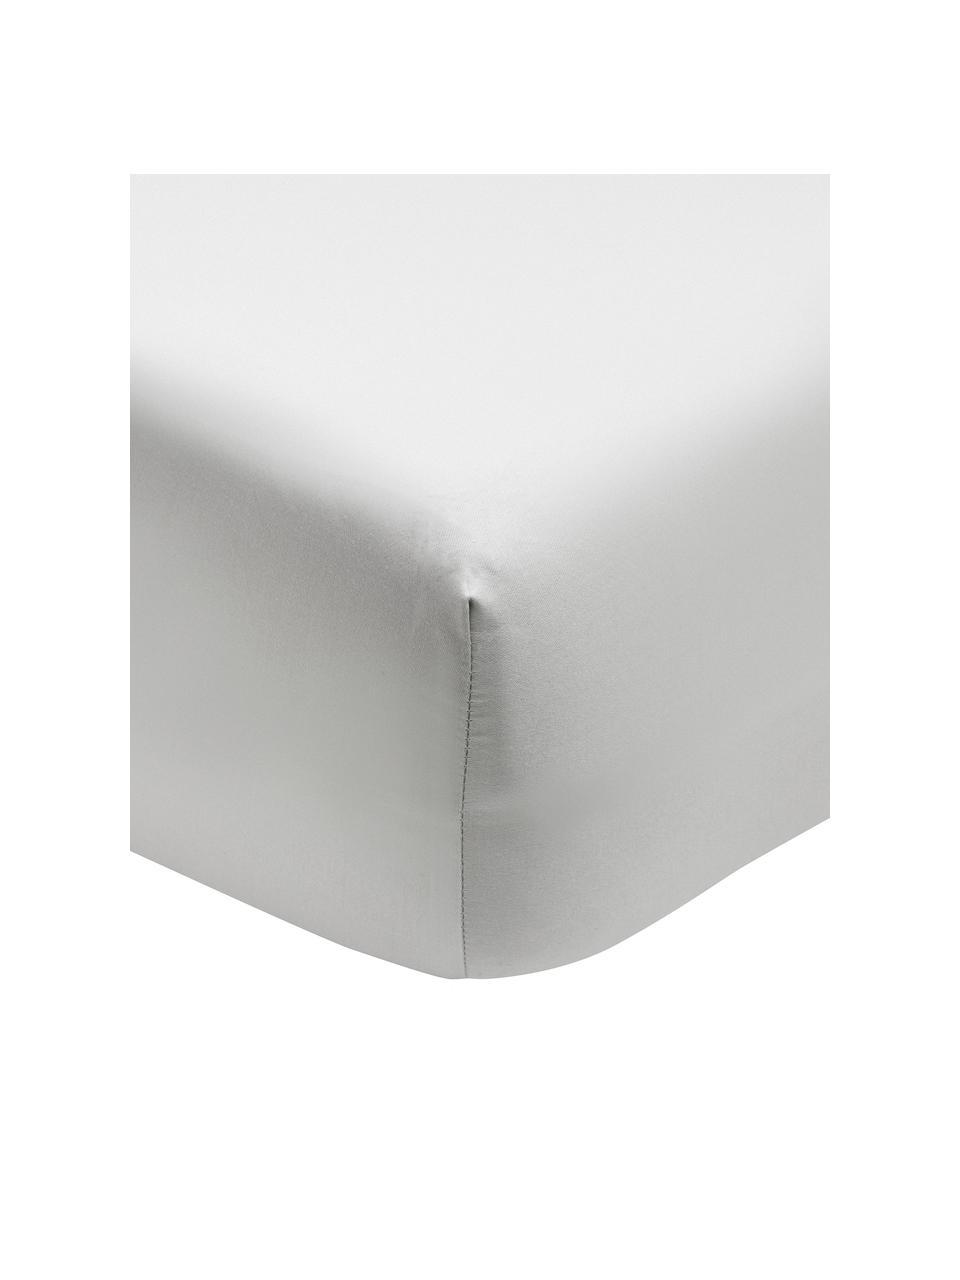 Hoeslaken Premium van biokatoen in lichtgrijs, satijn, Weeftechniek: satijn Draaddichtheid 400, Lichtgrijs, 180 x 200 cm